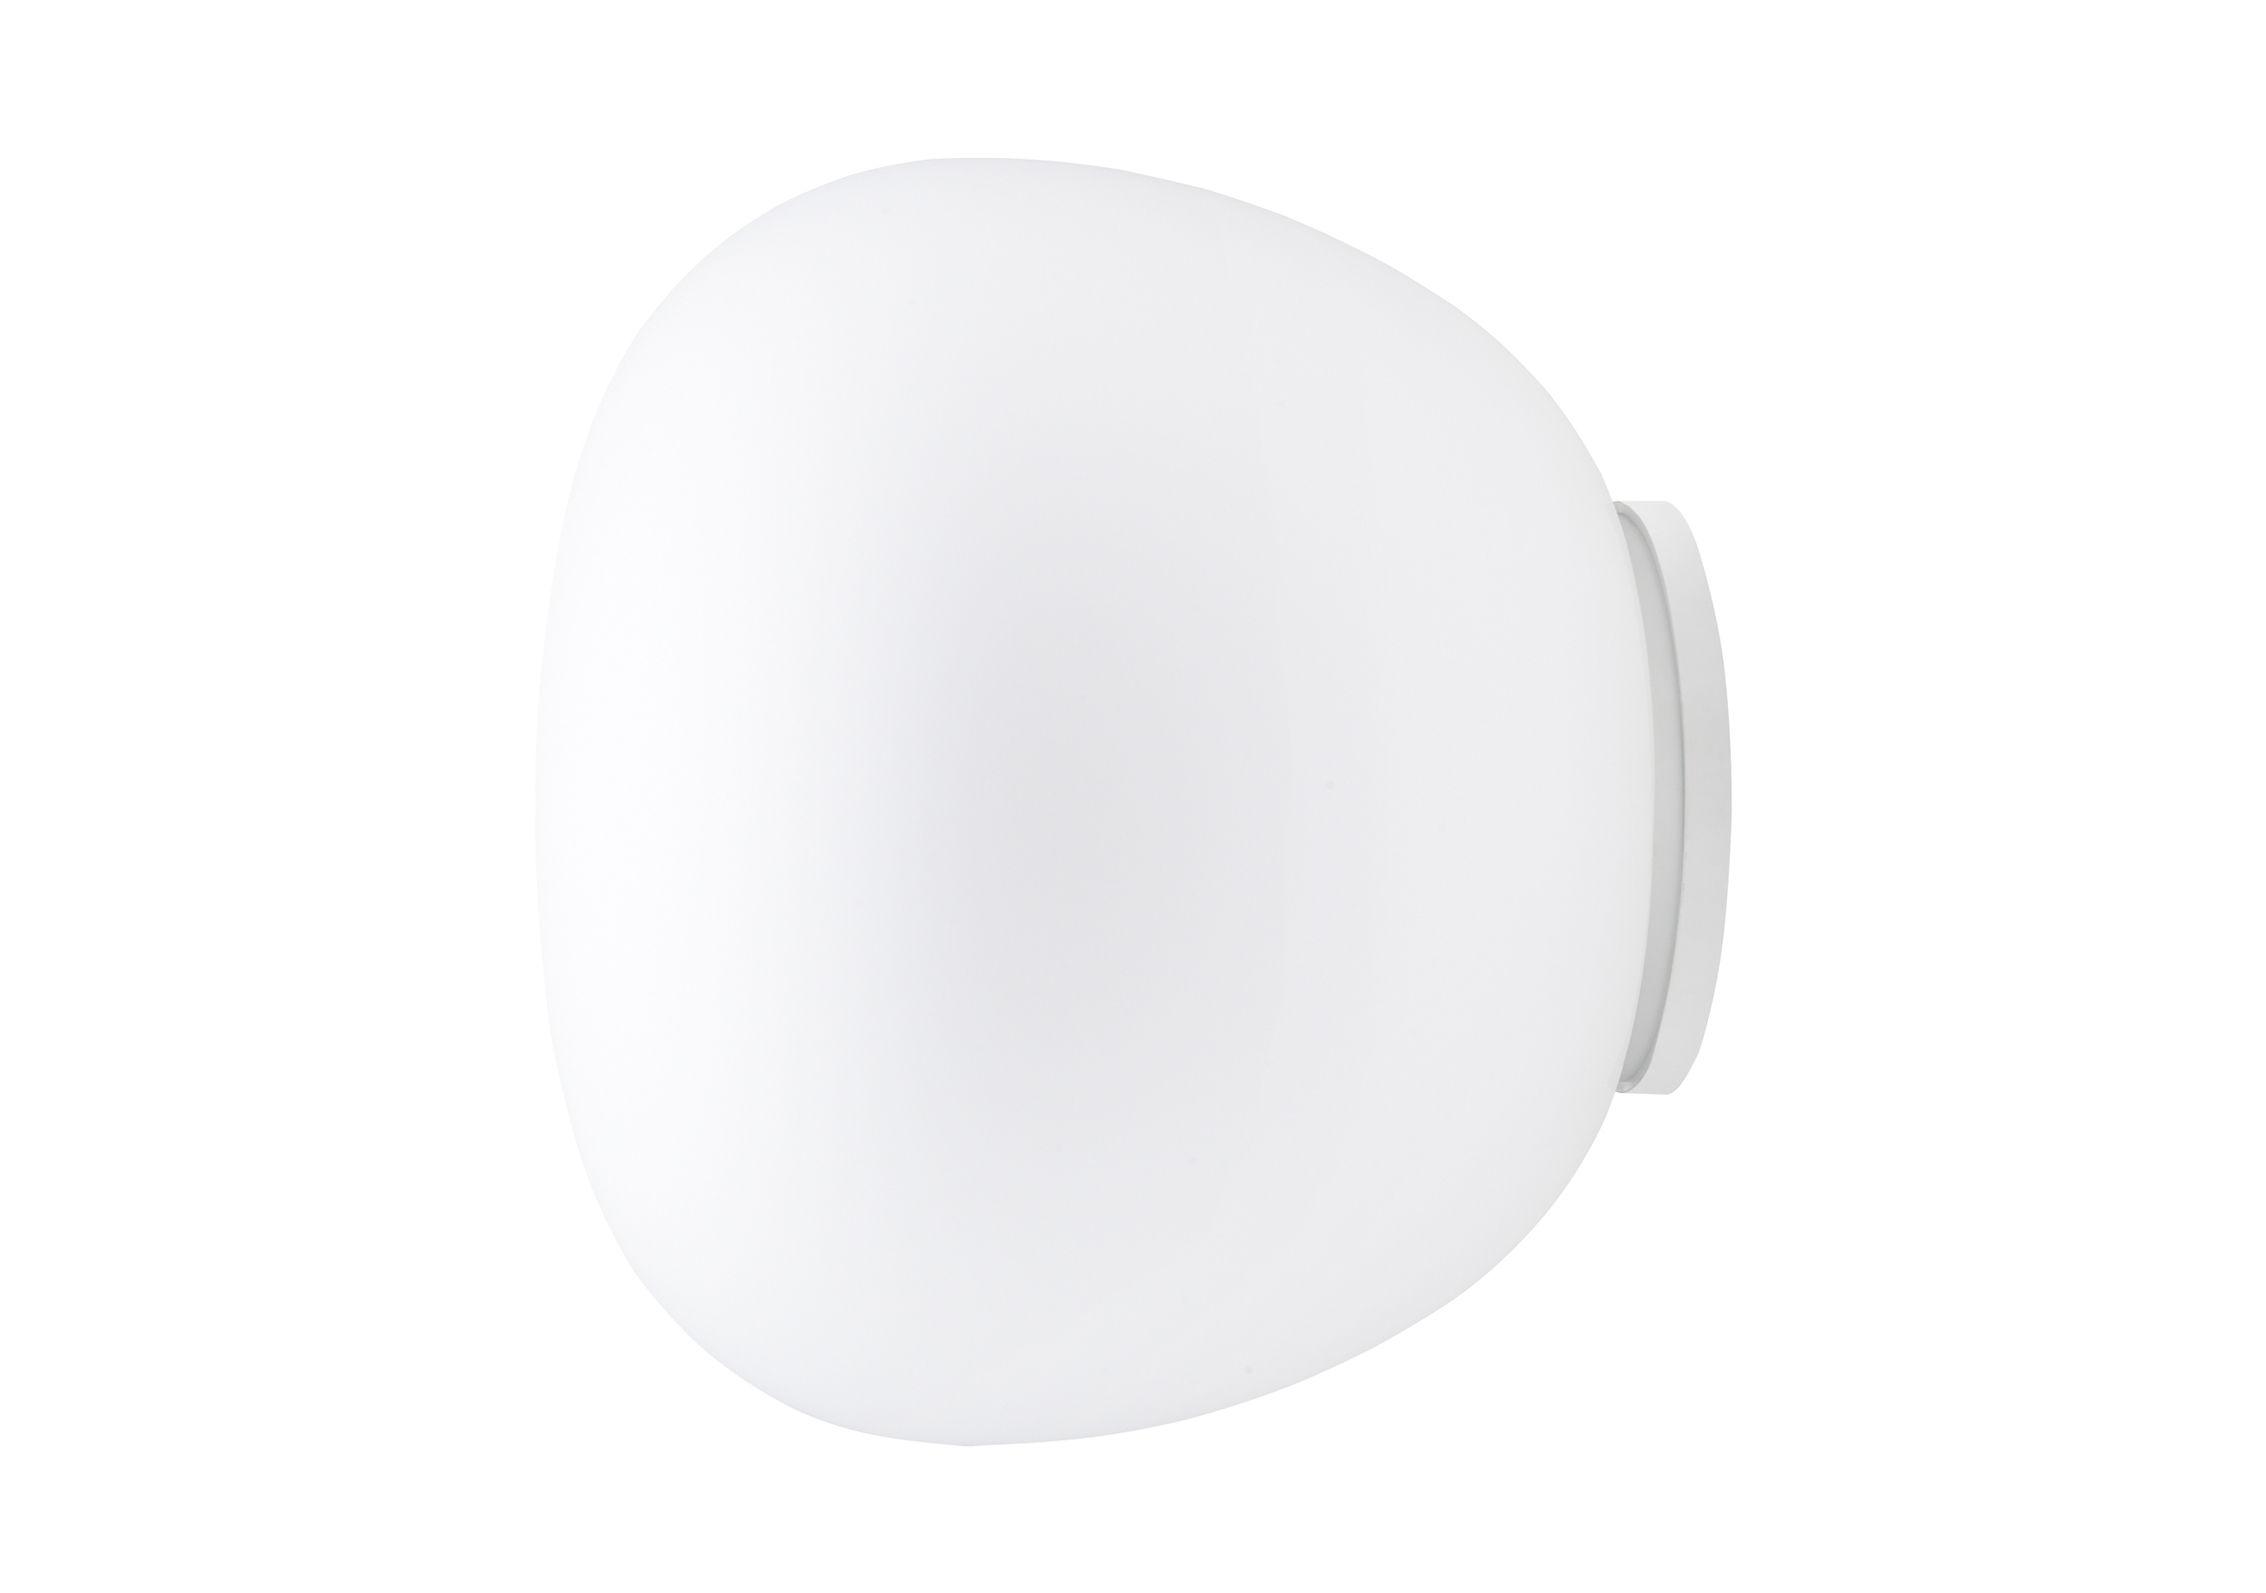 Lighting - Wall Lights - Mochi Wall light - Ø 30 cm by Fabbian - White - Ø 30 cm - Glass